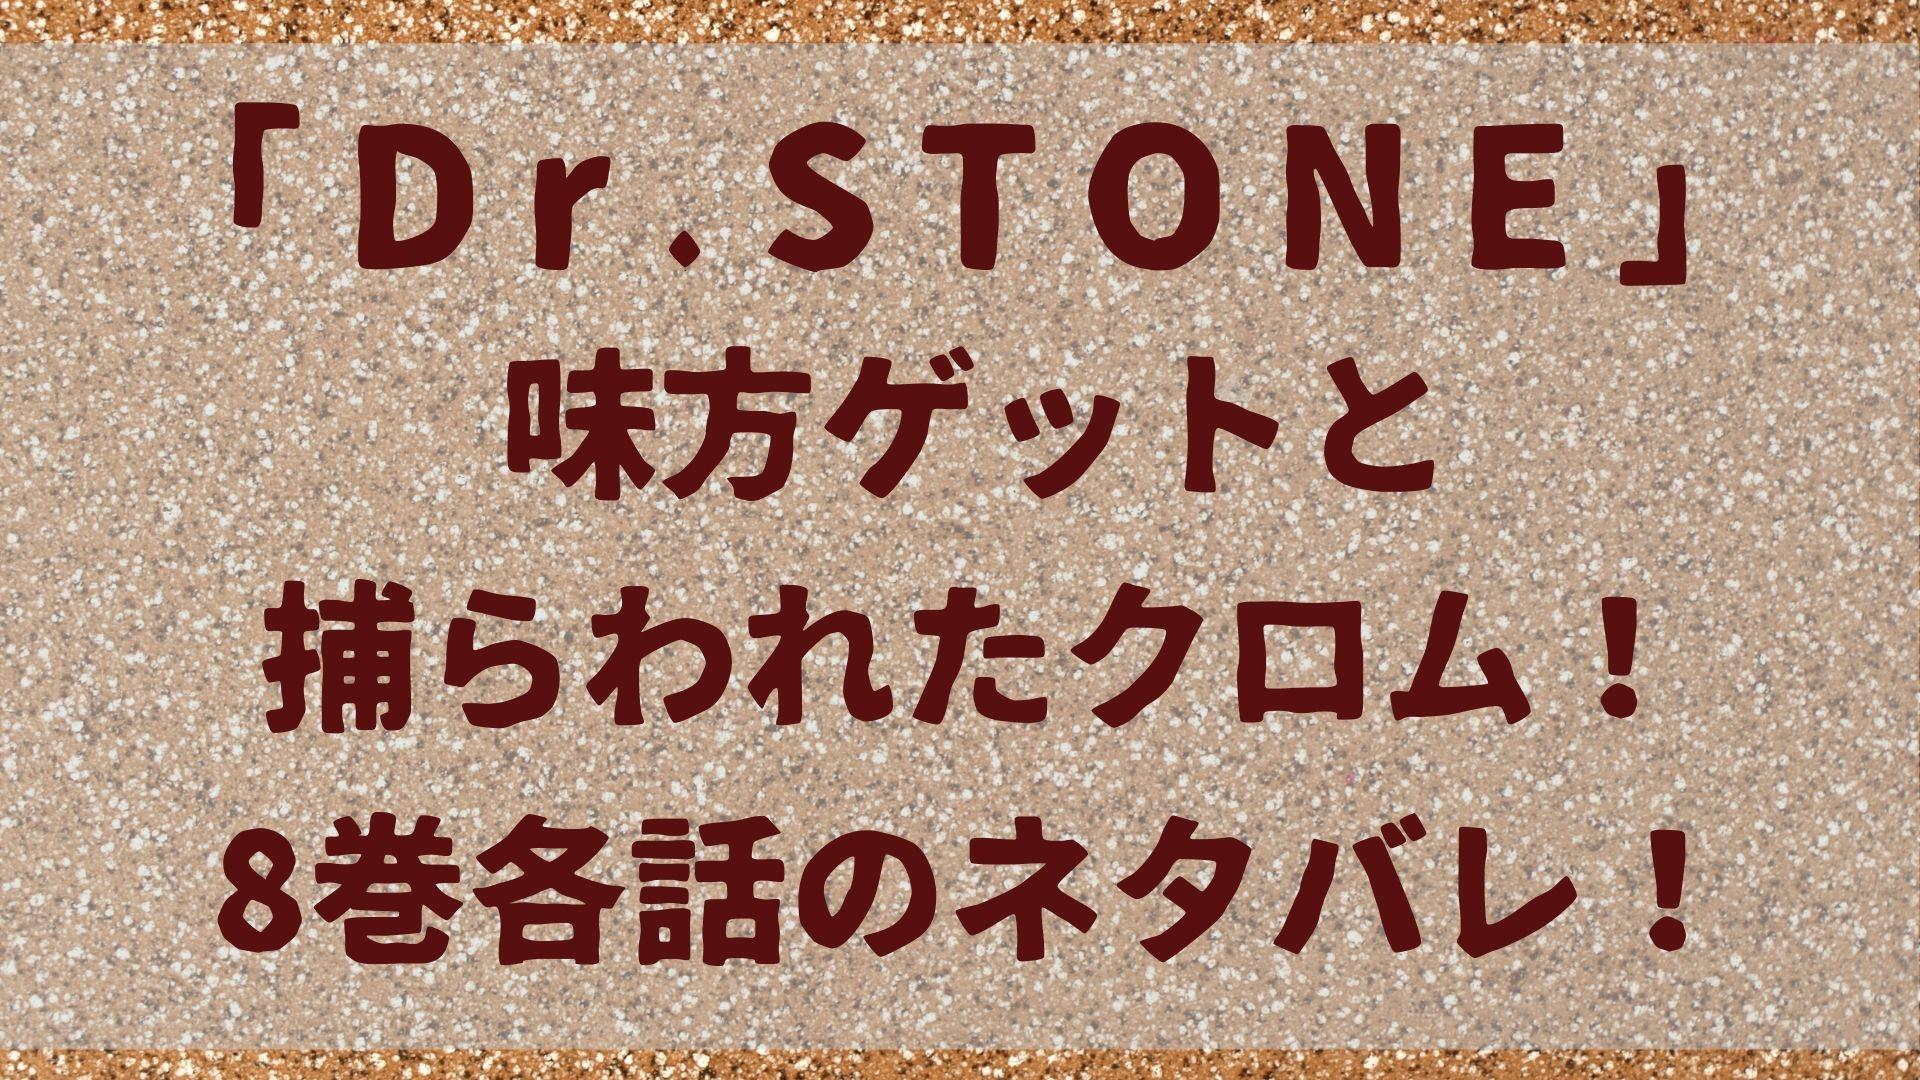 Dr.Stone「ドクターストーン」味方ゲットと捕らわれたクロム!8巻各話のネタバレ!